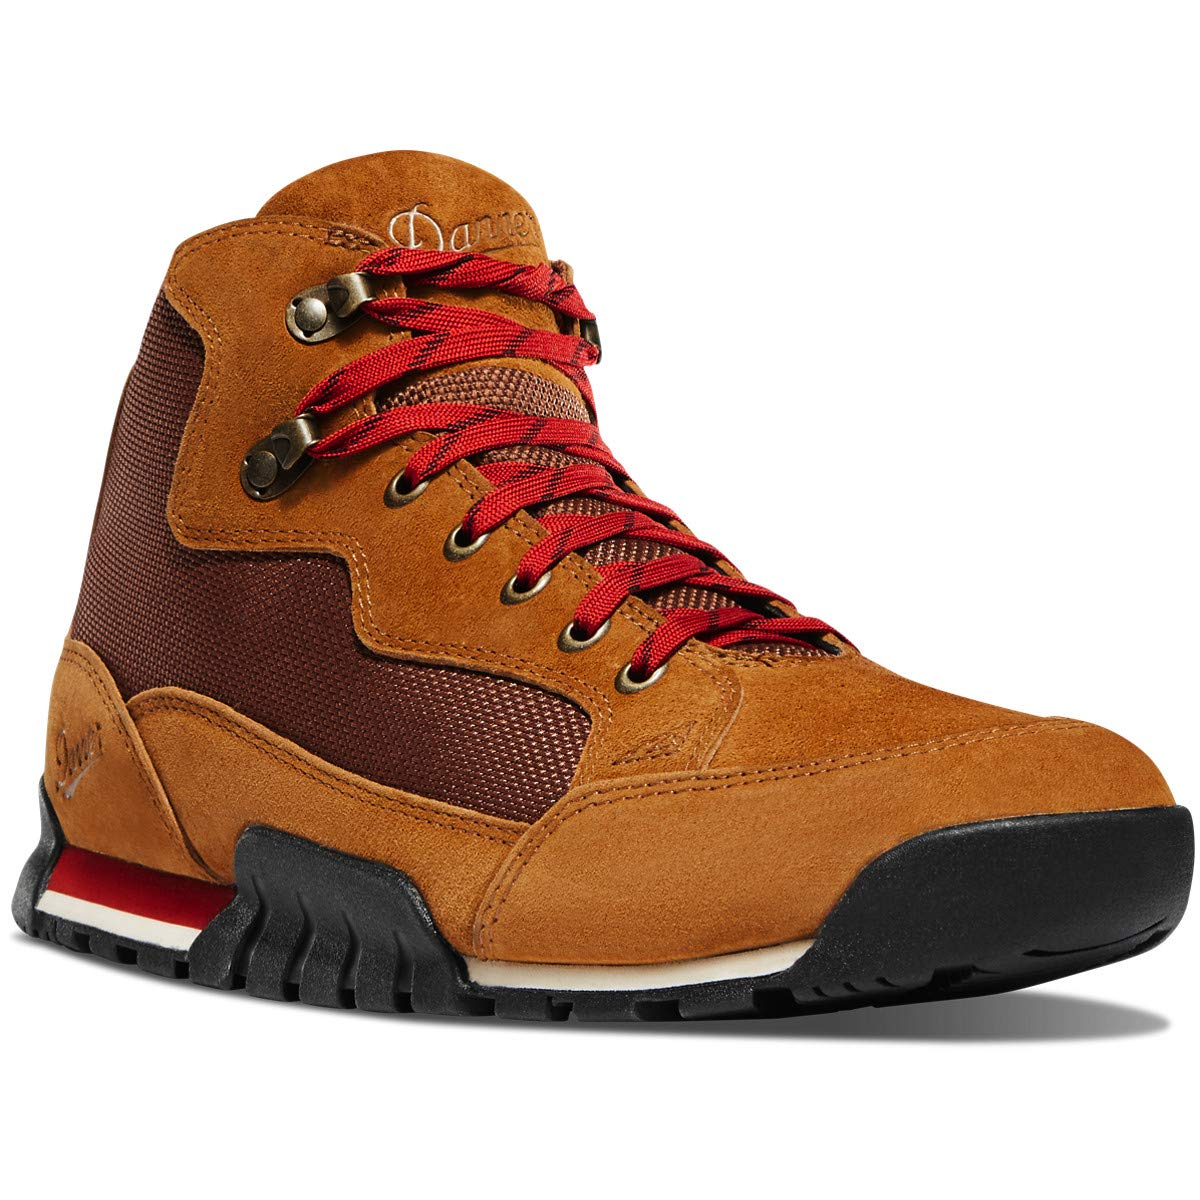 Danner Mens Skyridge 4.5 Waterproof Lifestyle Boot